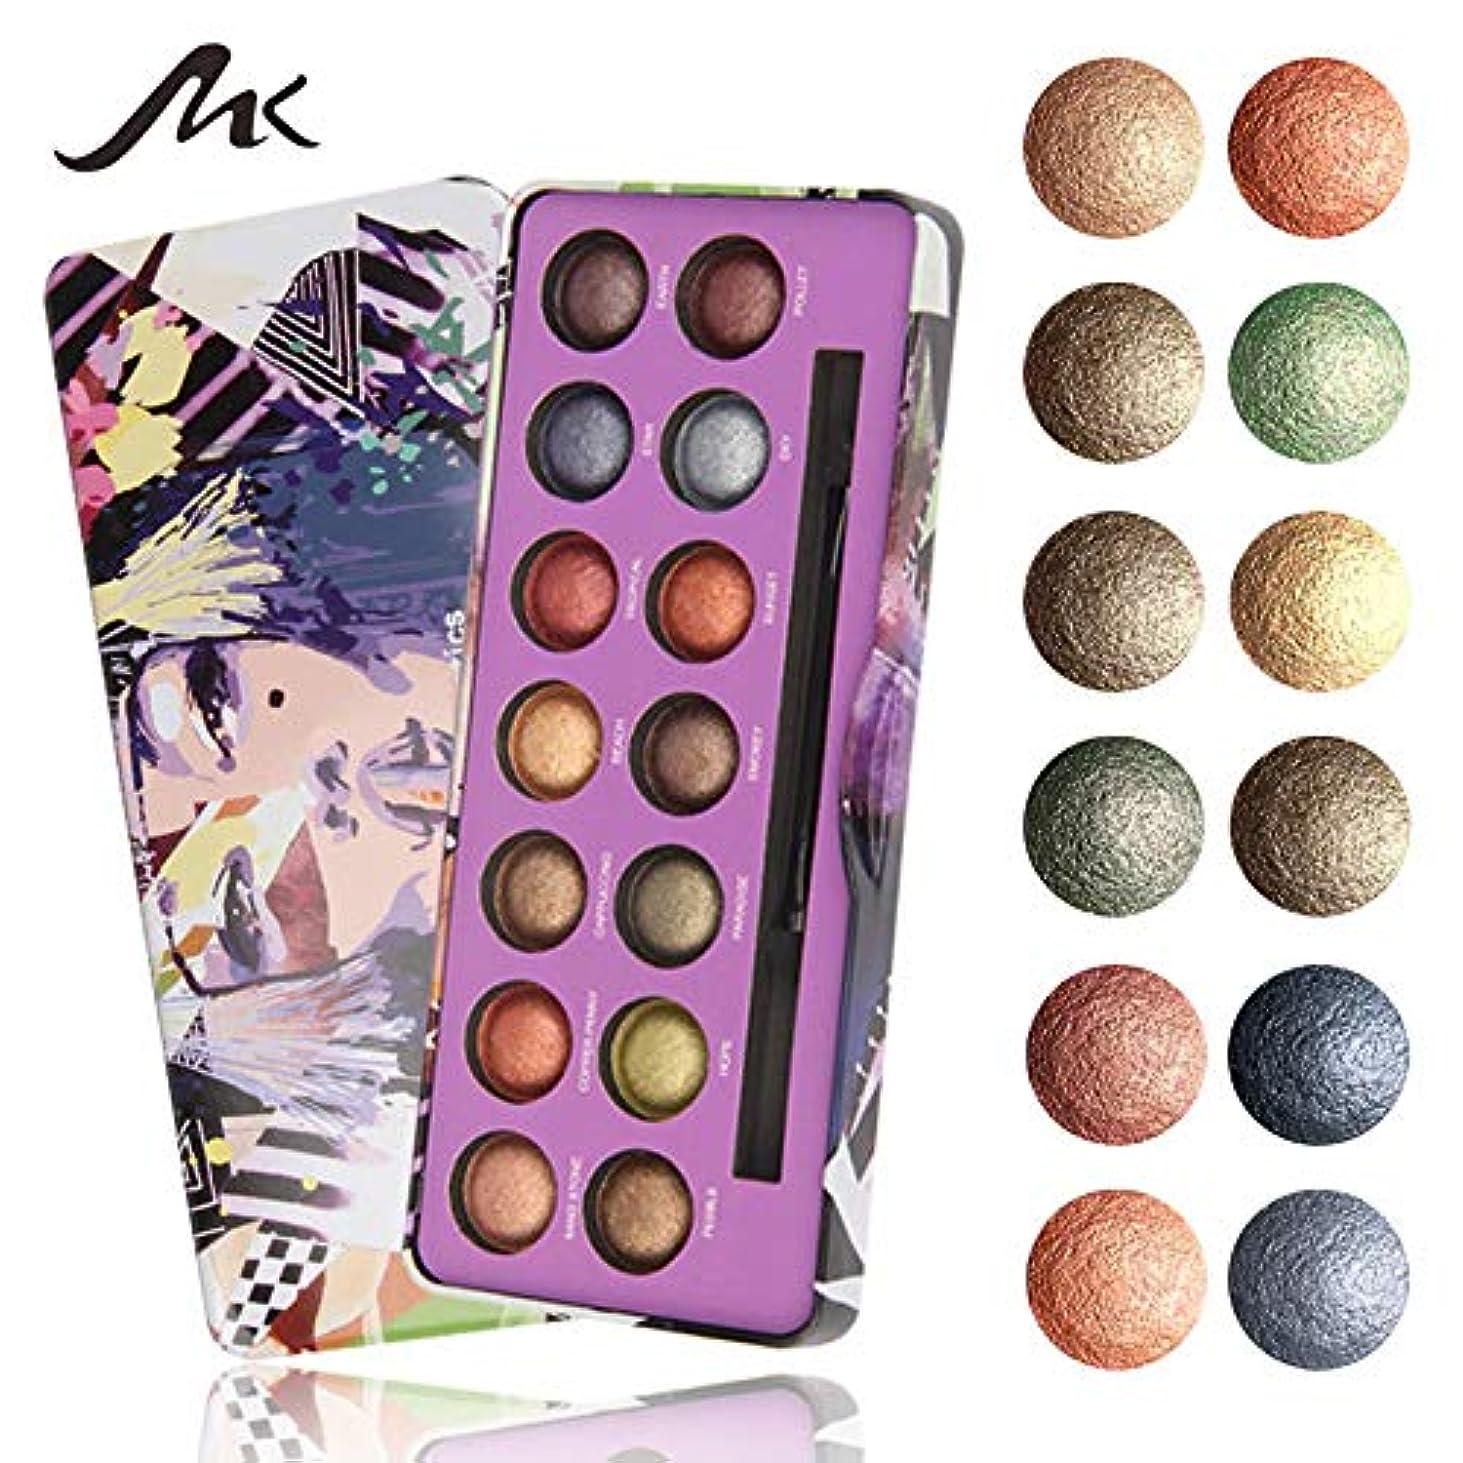 カスケードうなる認可Akane アイシャドウパレット MK 綺麗 人気 気質的 真珠光沢 チャーム 魅力的 マット つや消し 長持ち ファッション 防水 おしゃれ 持ち便利 Eye Shadow (14色) 8293